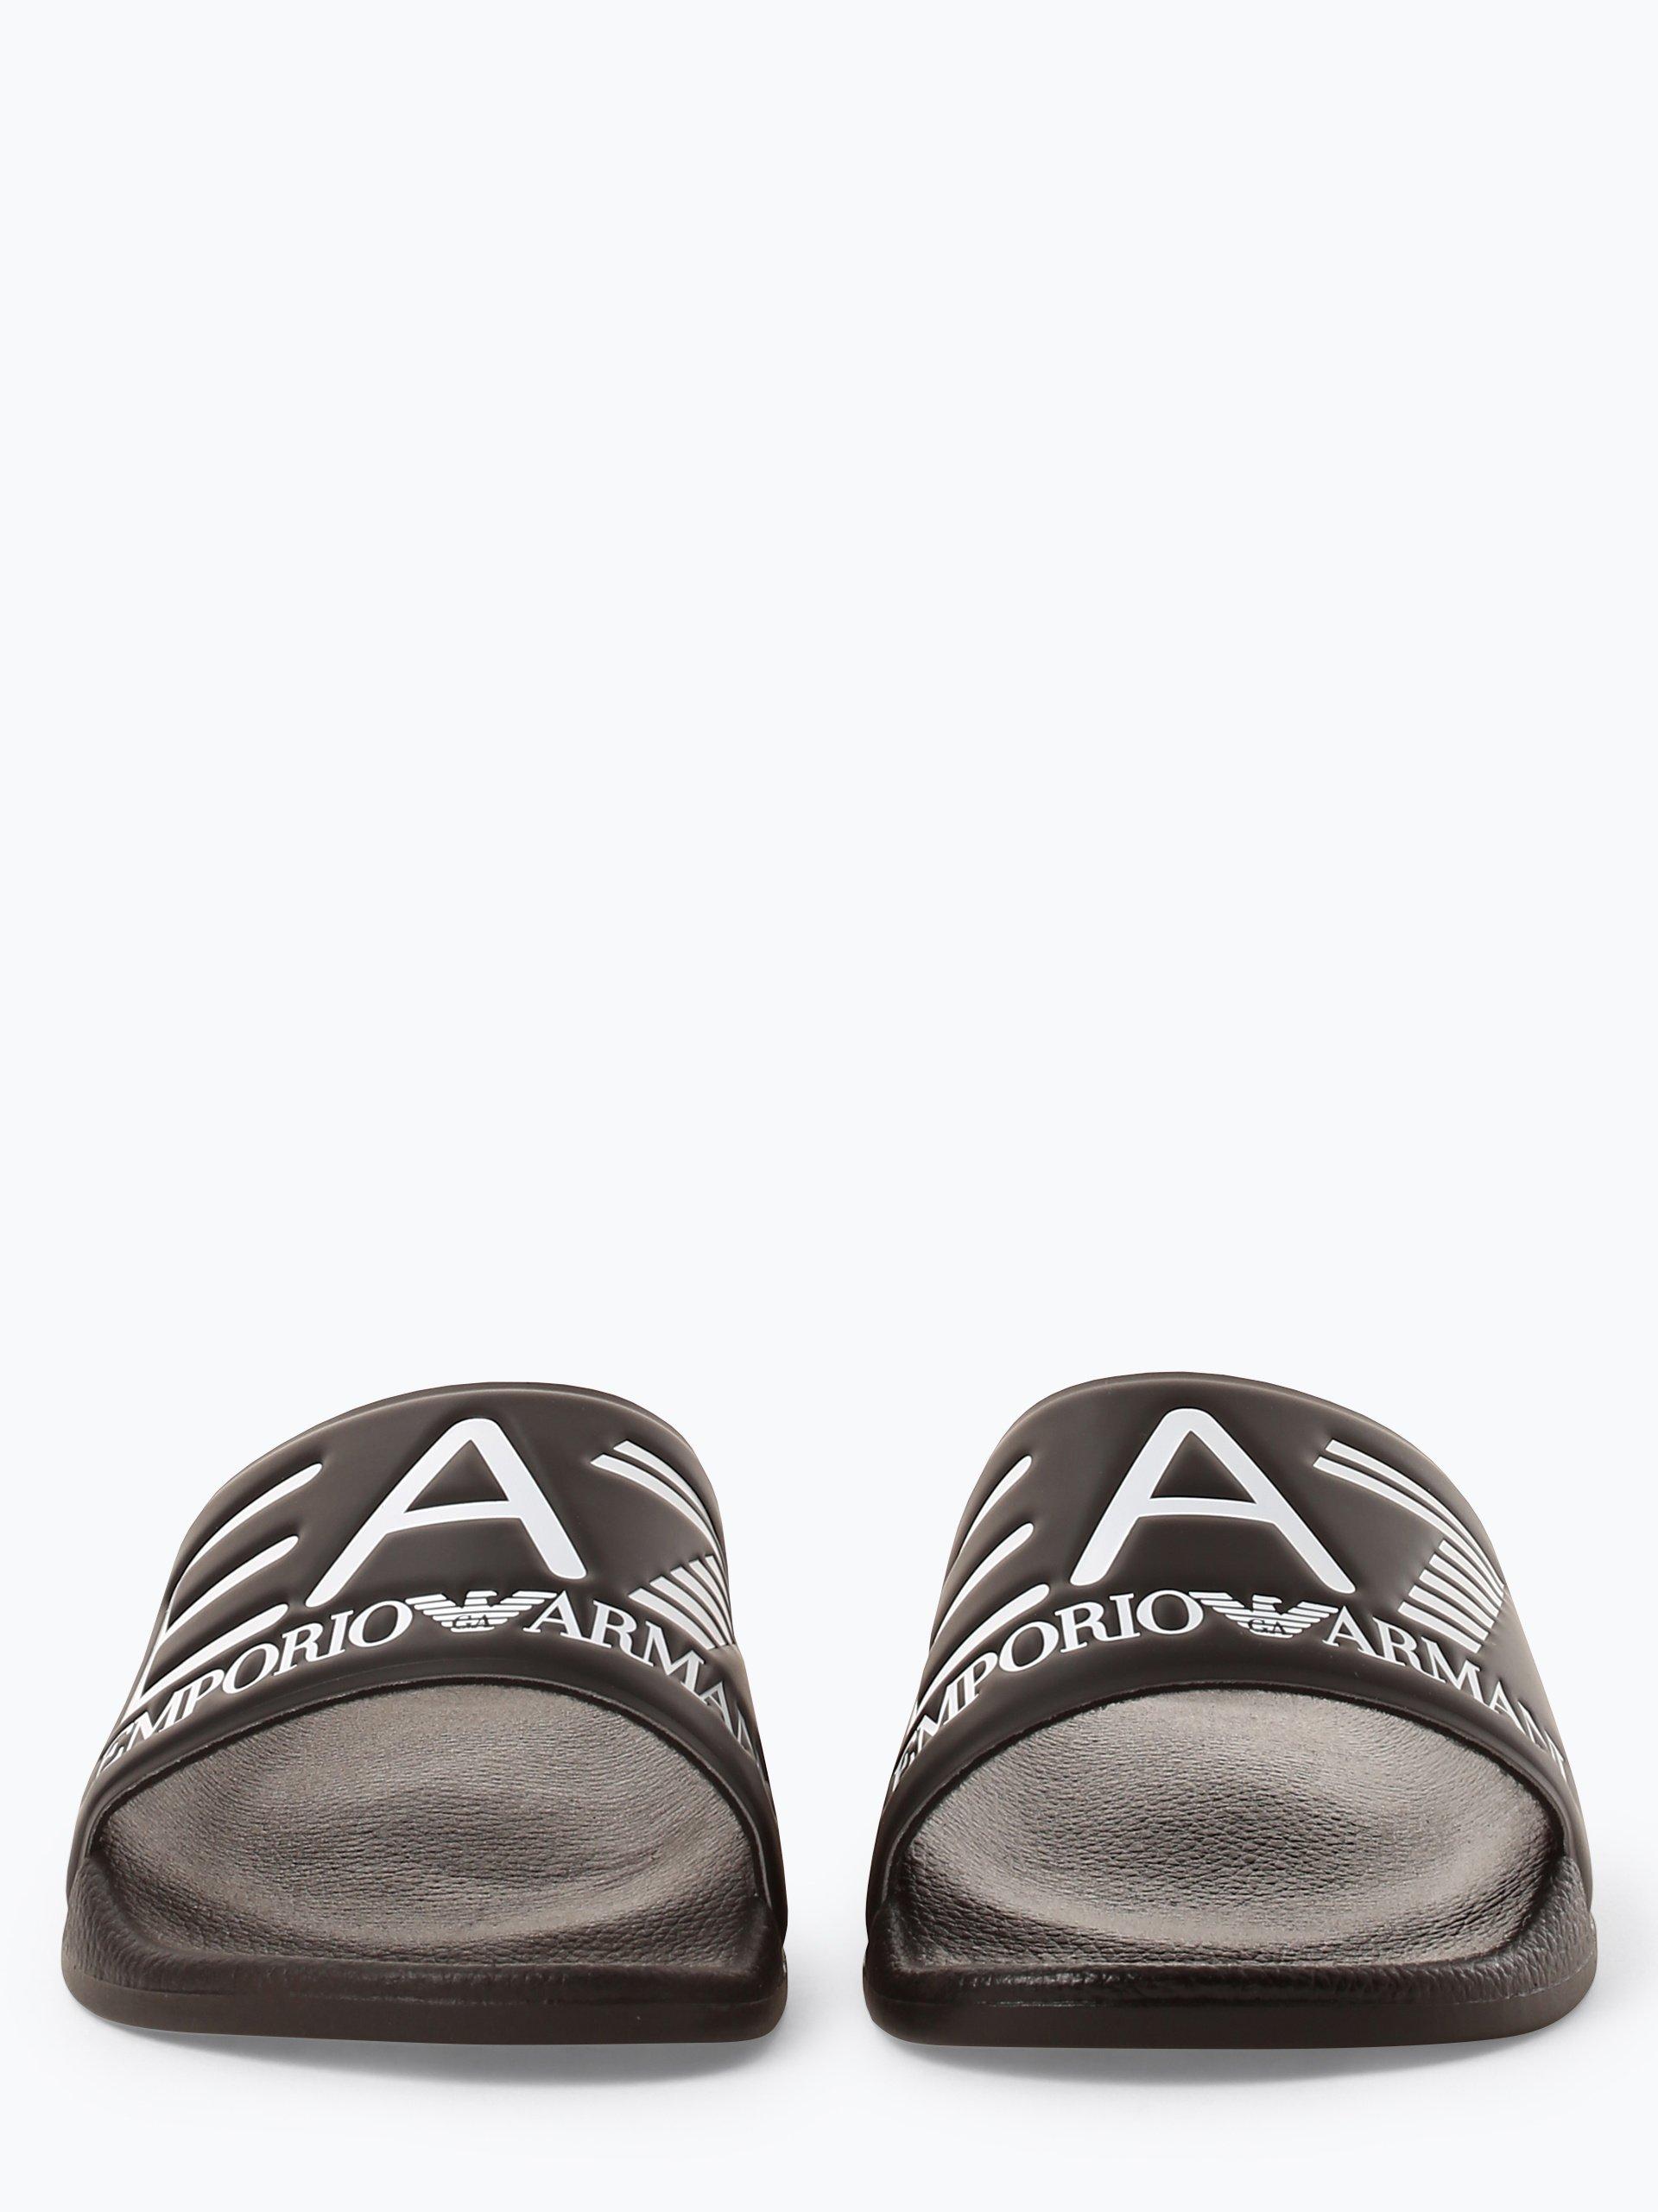 EA7 Emporio Armani Męskie pantofle kąpielowe